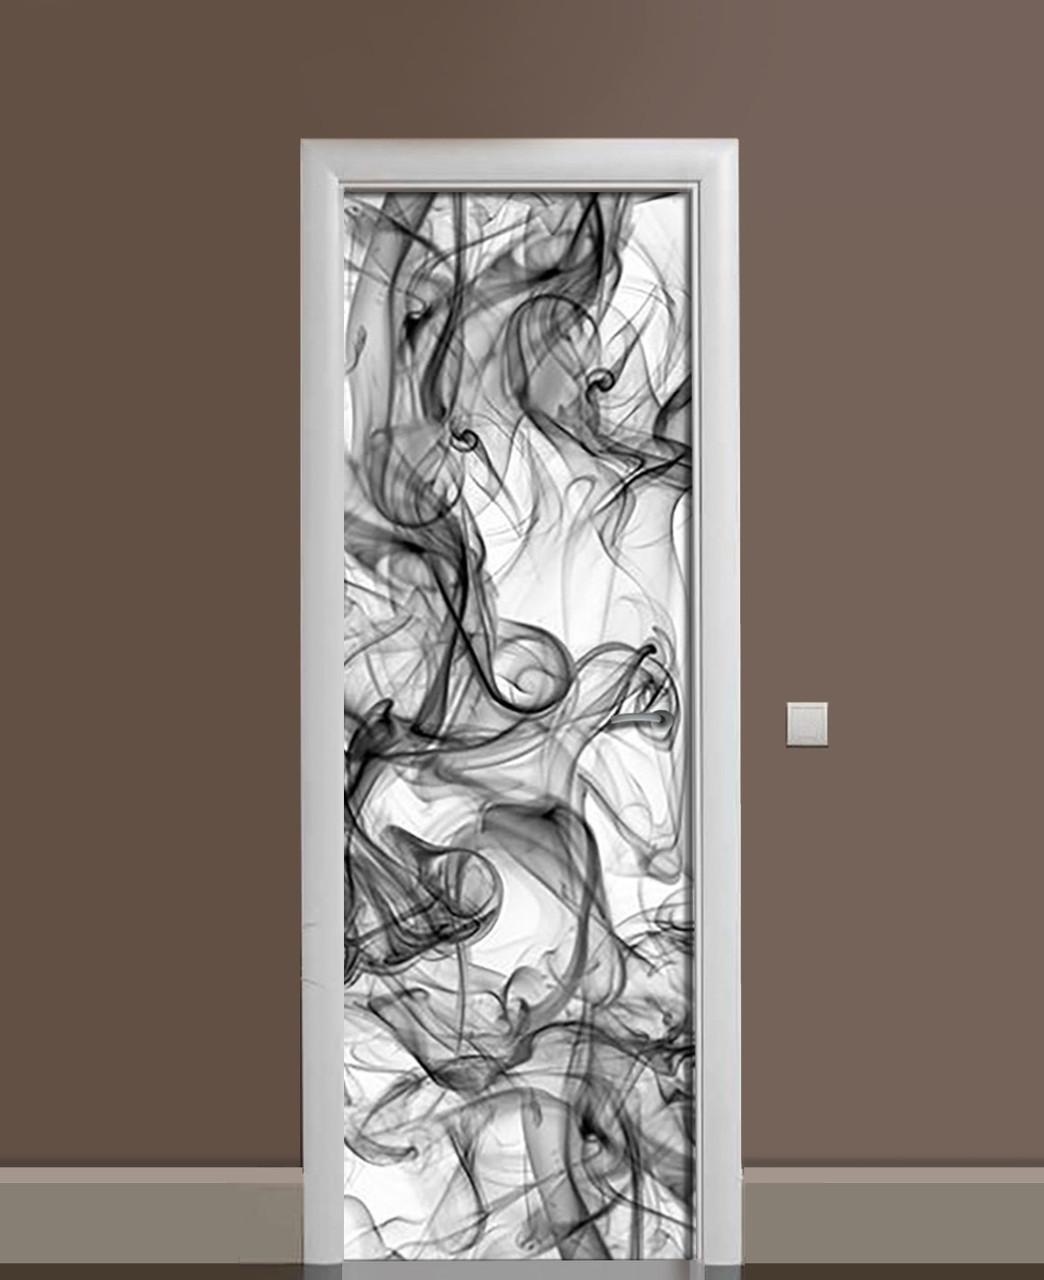 Декоративна наклейка на двері Клуби чорного диму ПВХ плівка з ламінуванням 65*200см Текстура Сірий